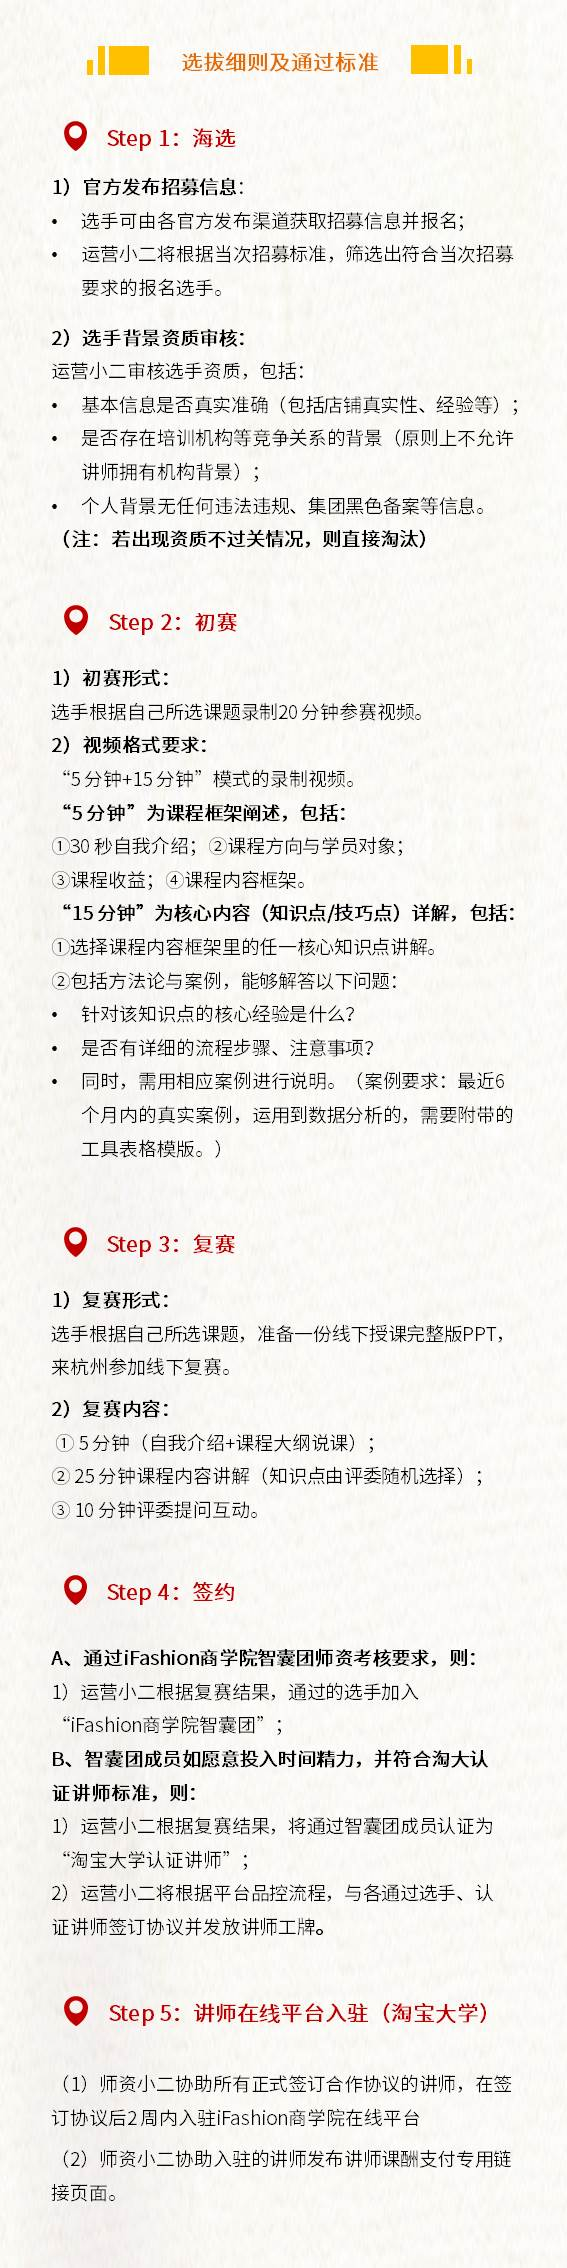 智囊团招募page2